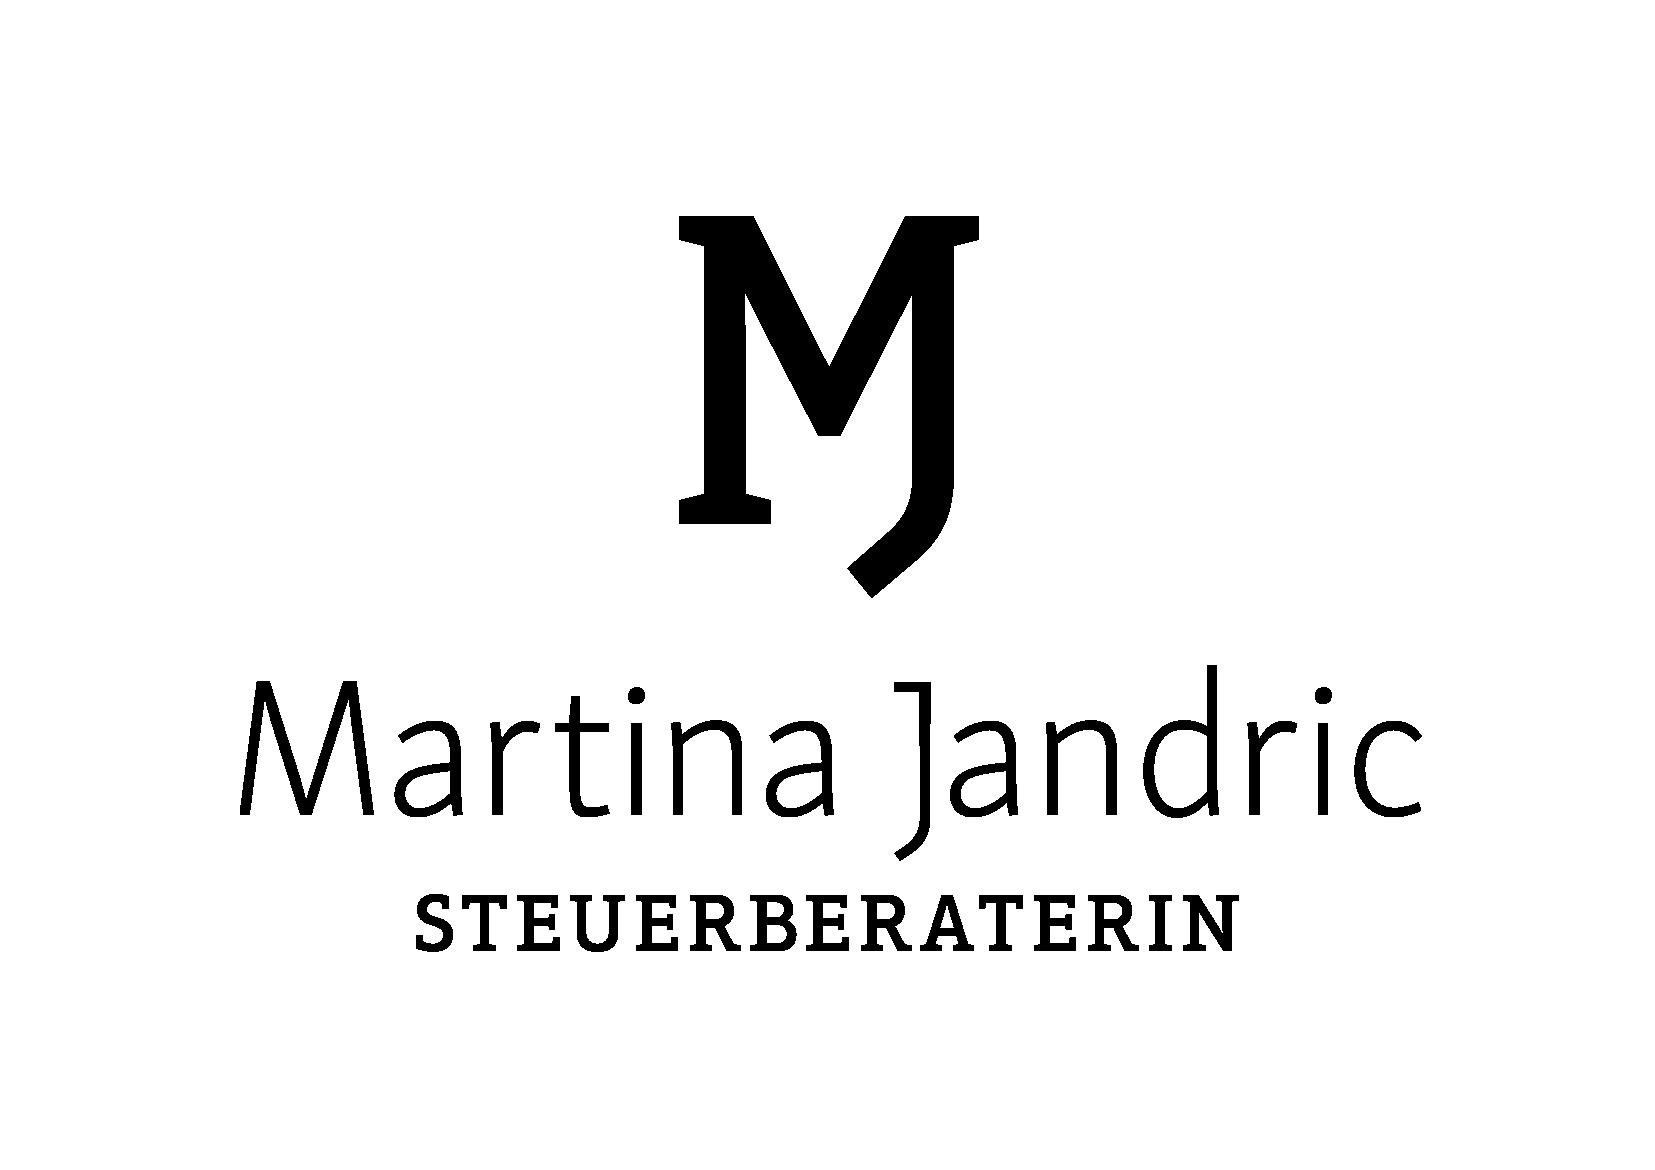 Martina Jandric_03 Schwarz für hellen Hintergrund_RGB_600 DPI